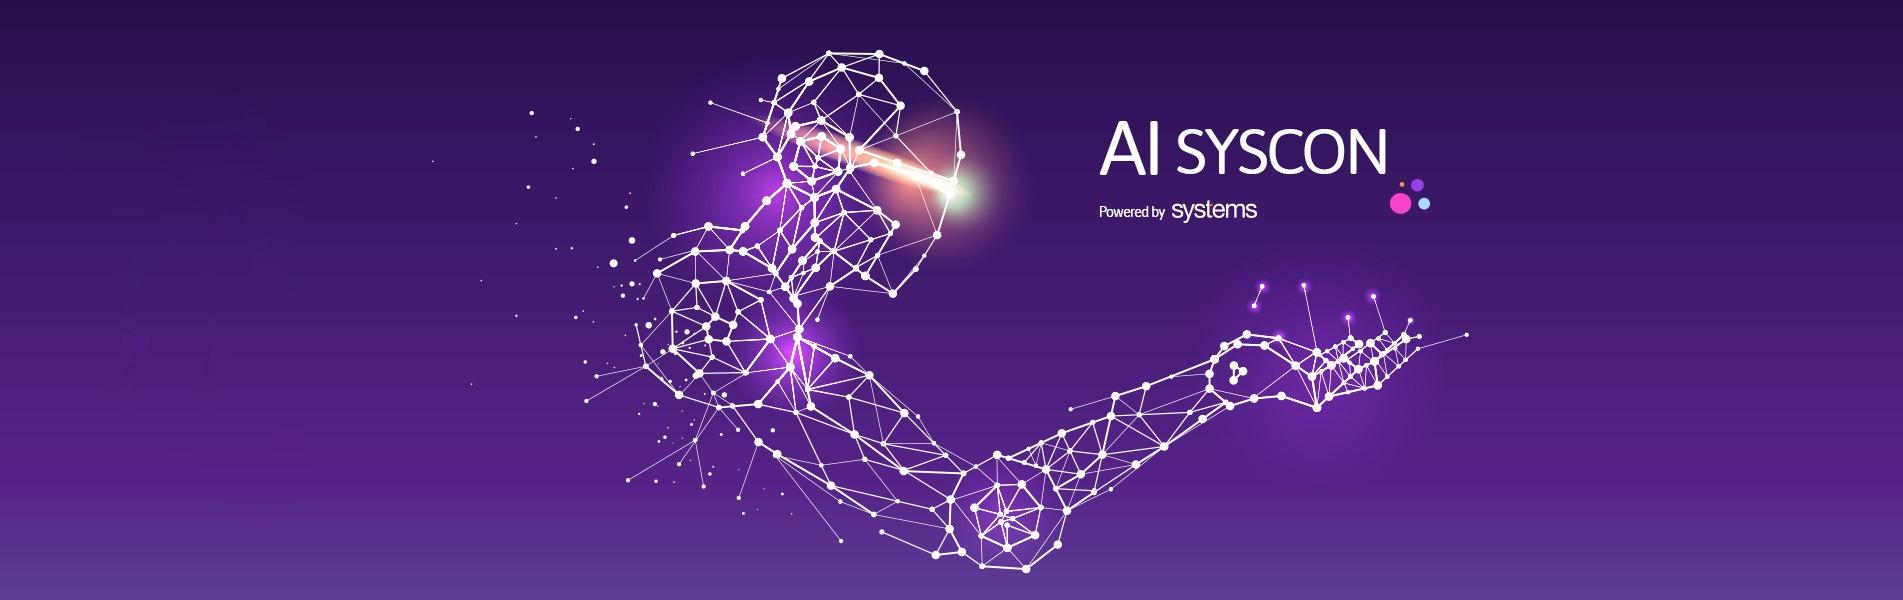 AI-Syscon